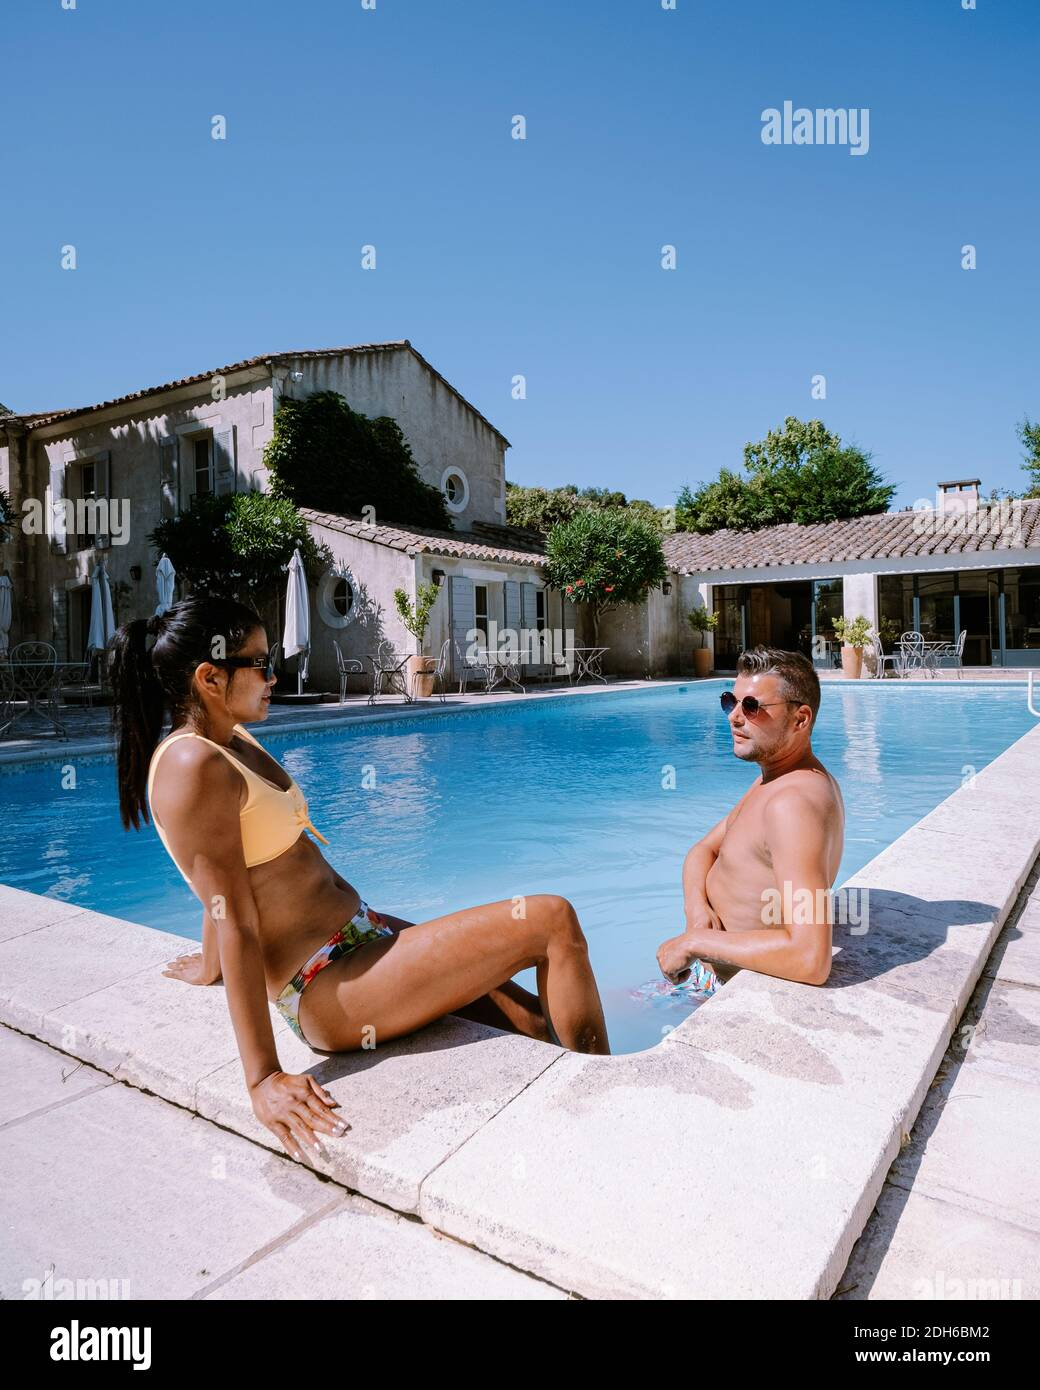 Pärchen entspannen am Pool in der Provence Frankreich, Männer und Frauen entspannen am Pool im Luxusresort Stockfoto